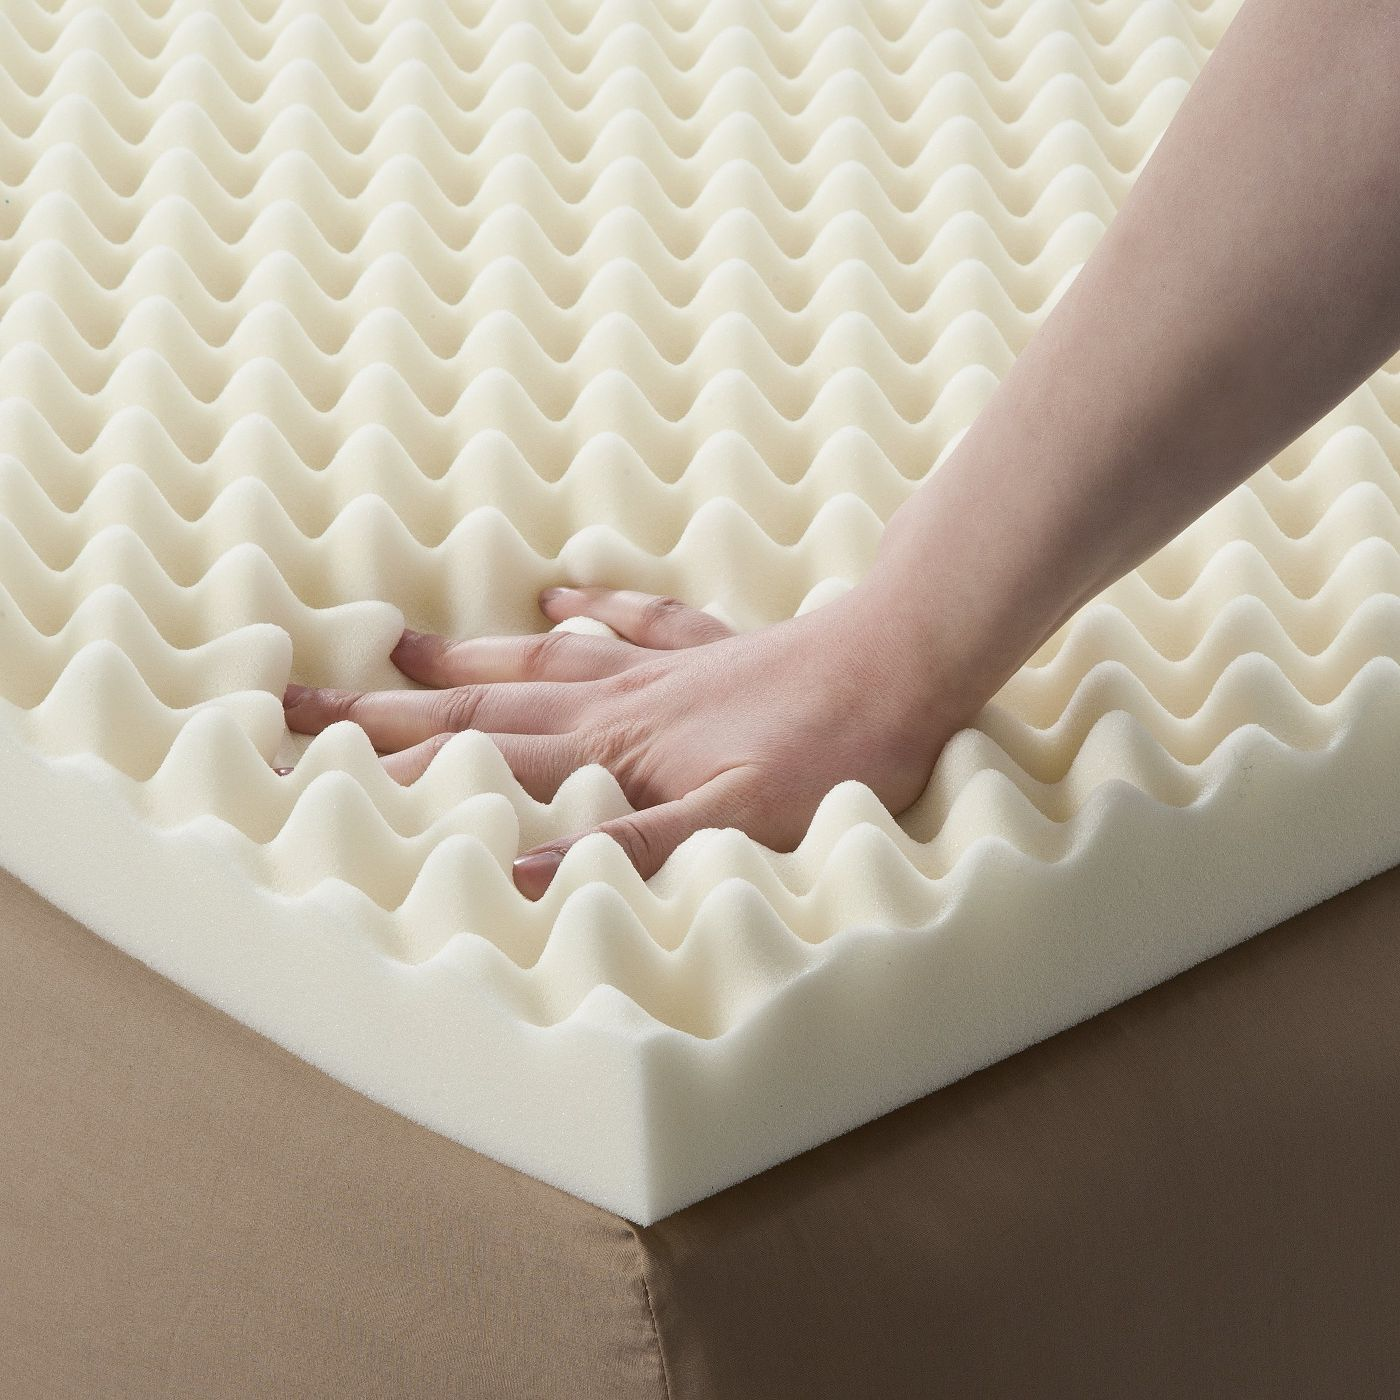 Luxury Hotel Massage Gel Memory Foam Mattress Topper - Jozy Mattress   Jozy.net